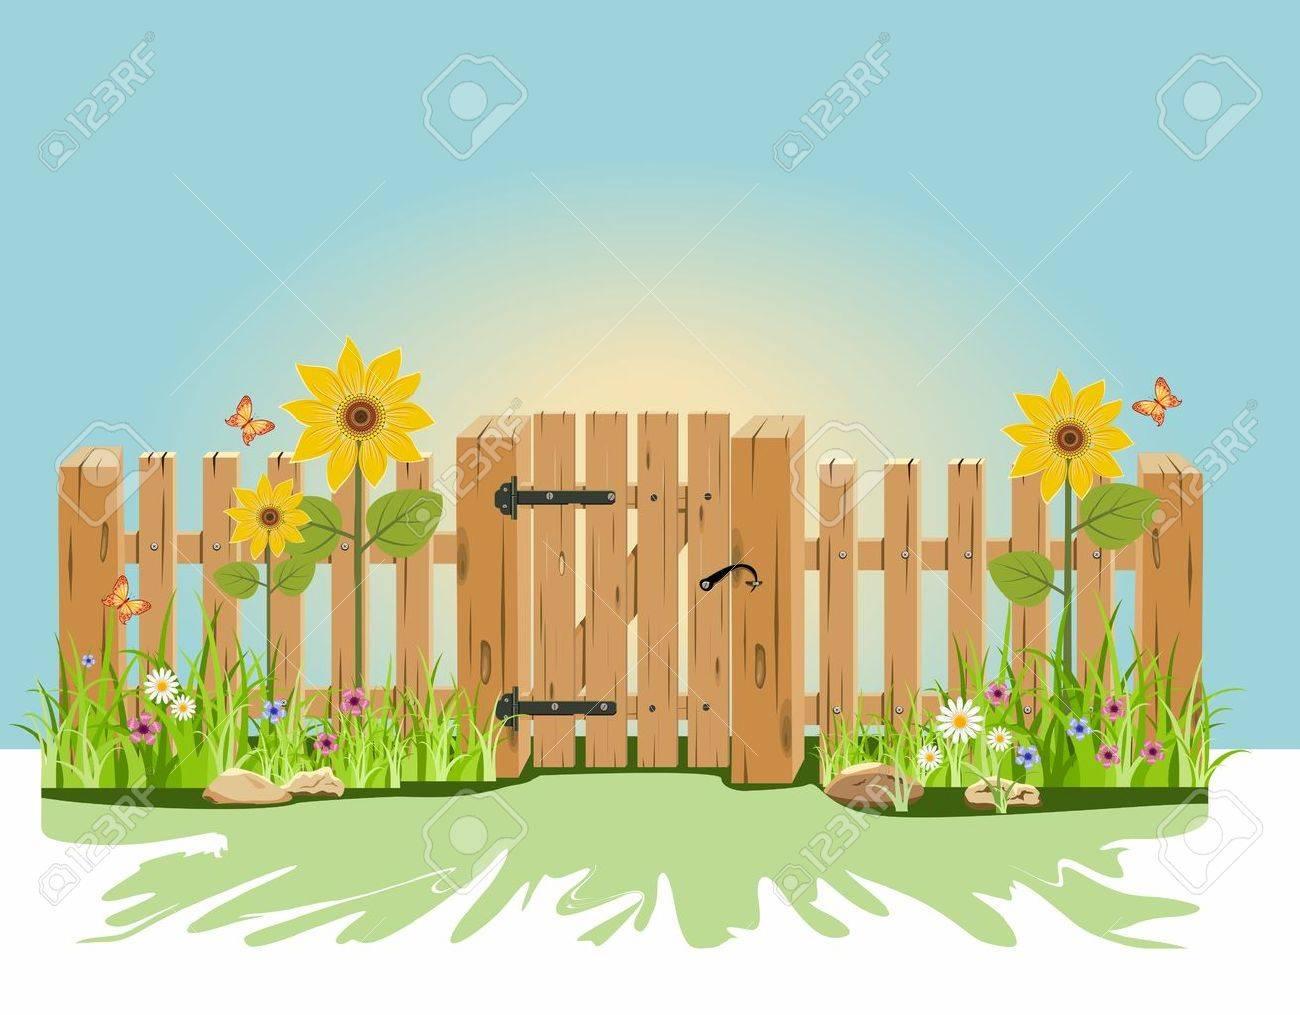 Eine Hölzerne Tor Und Zaun Mit Grünem Gras Und Blumen Lizenzfrei